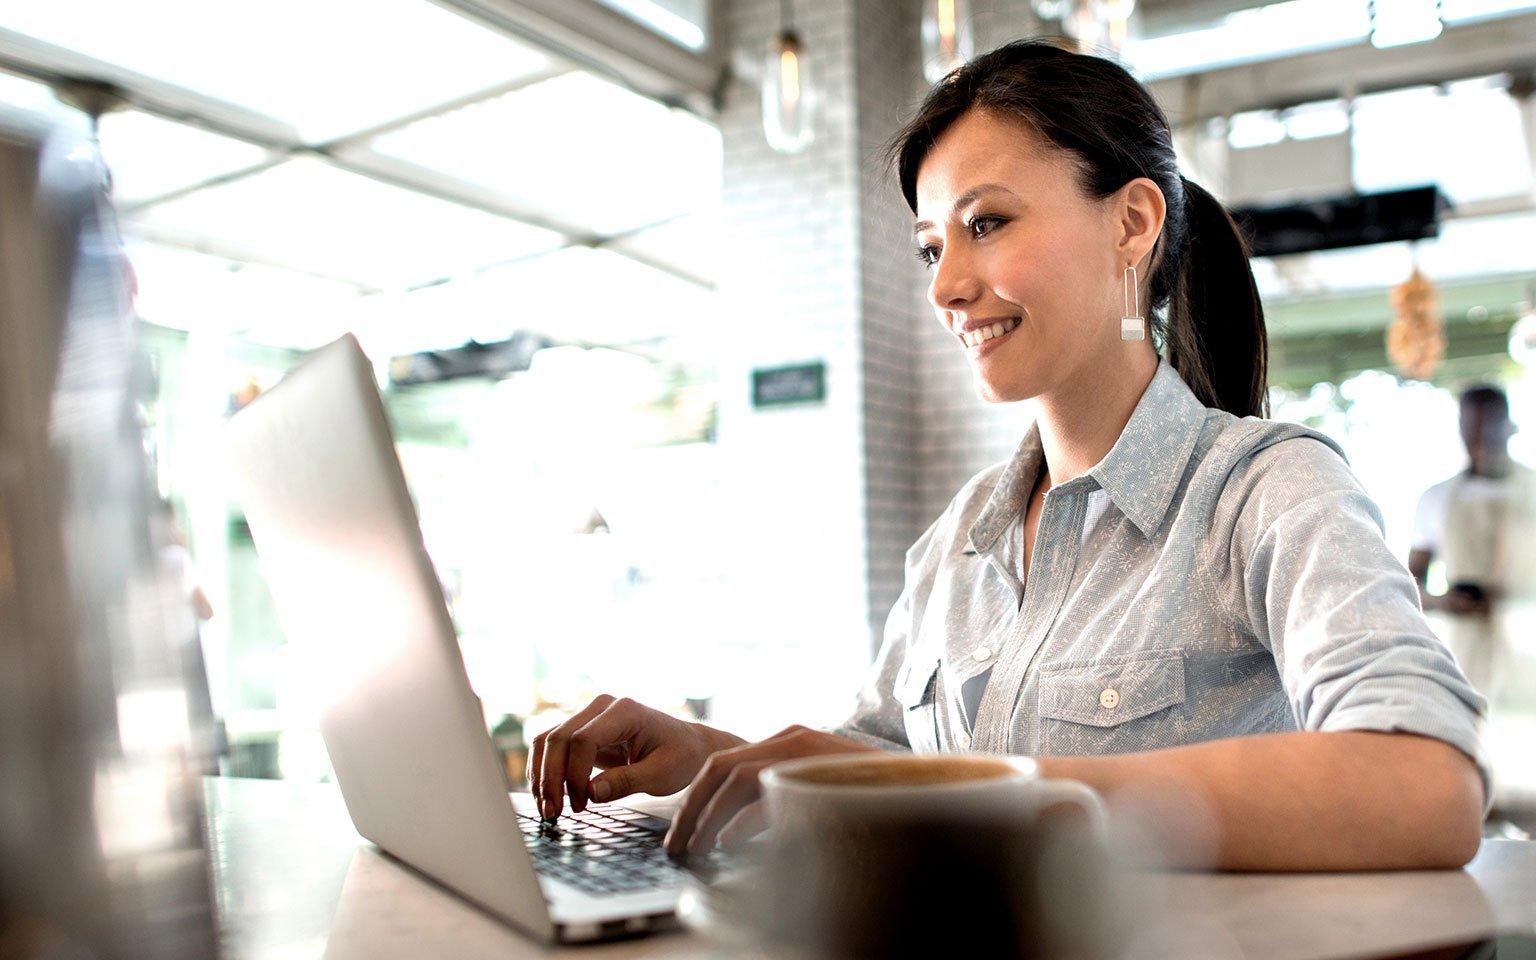 Kadın çalışan fatura çıktısı alıyor